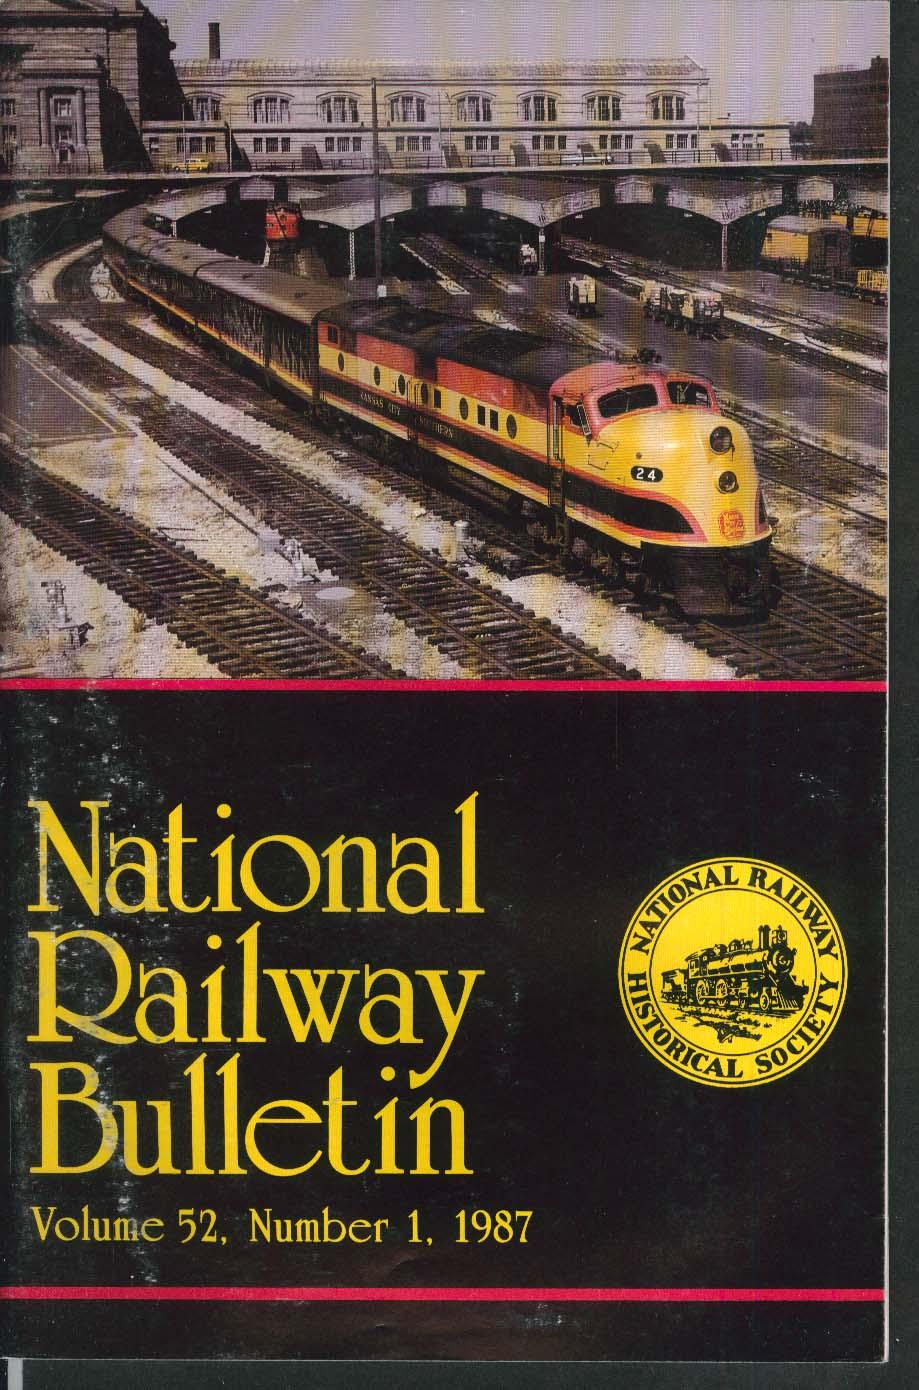 NATIONAL RAILWAY BULLETIN V52n1 Roanoke Chapter St Joseph Valley 1987